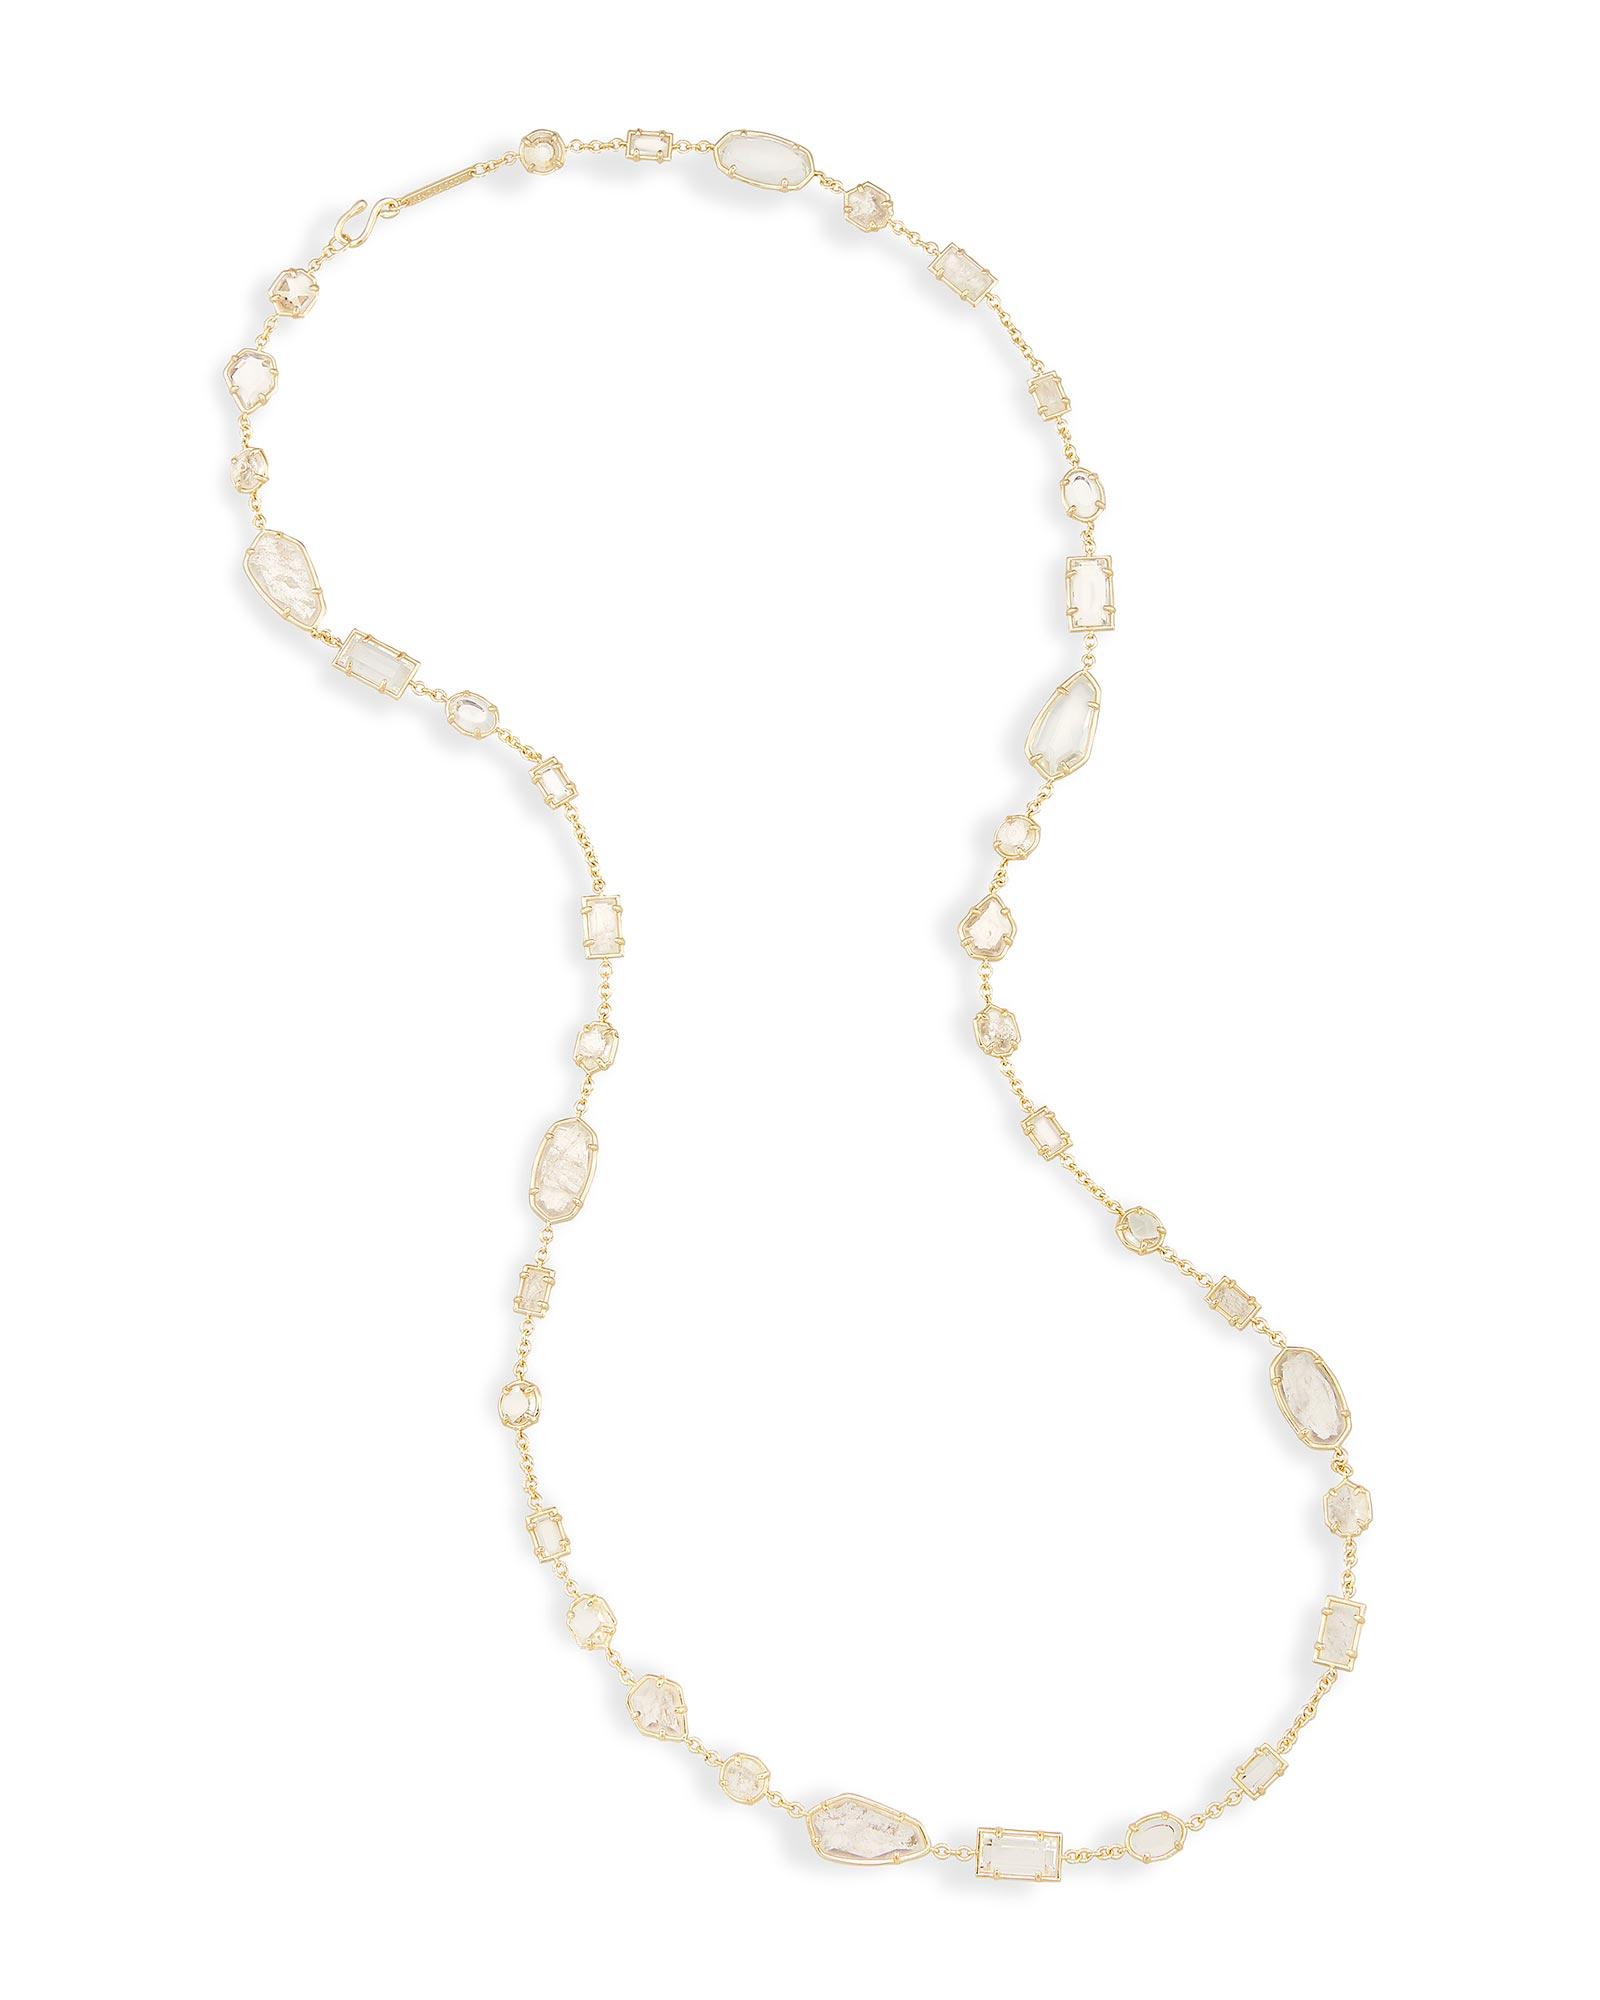 kendra-scott-joann-long-necklace-in-gold_01_default_lg.jpg